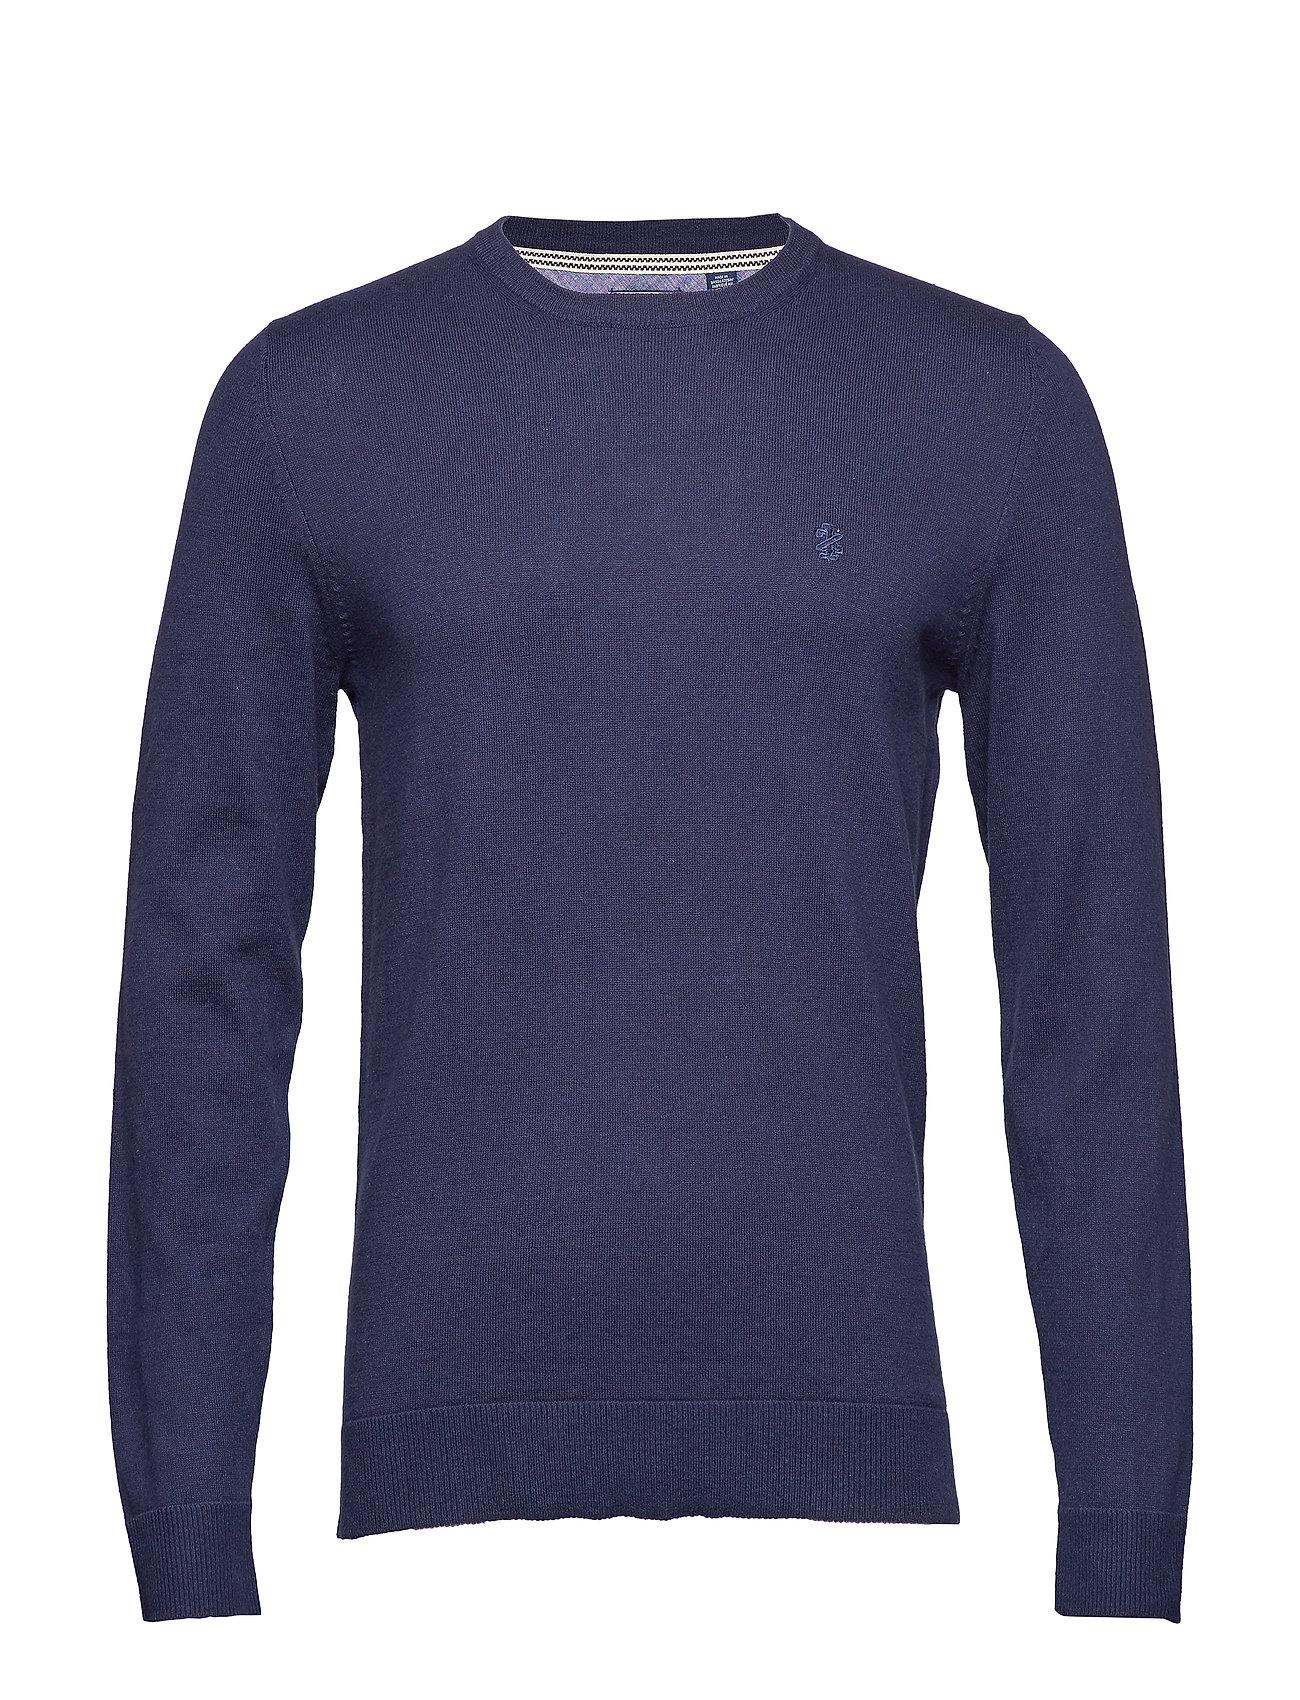 12gg Crew Neck Sweater Neulepaita Pyöreä Kaula-aukko Sininen IZOD